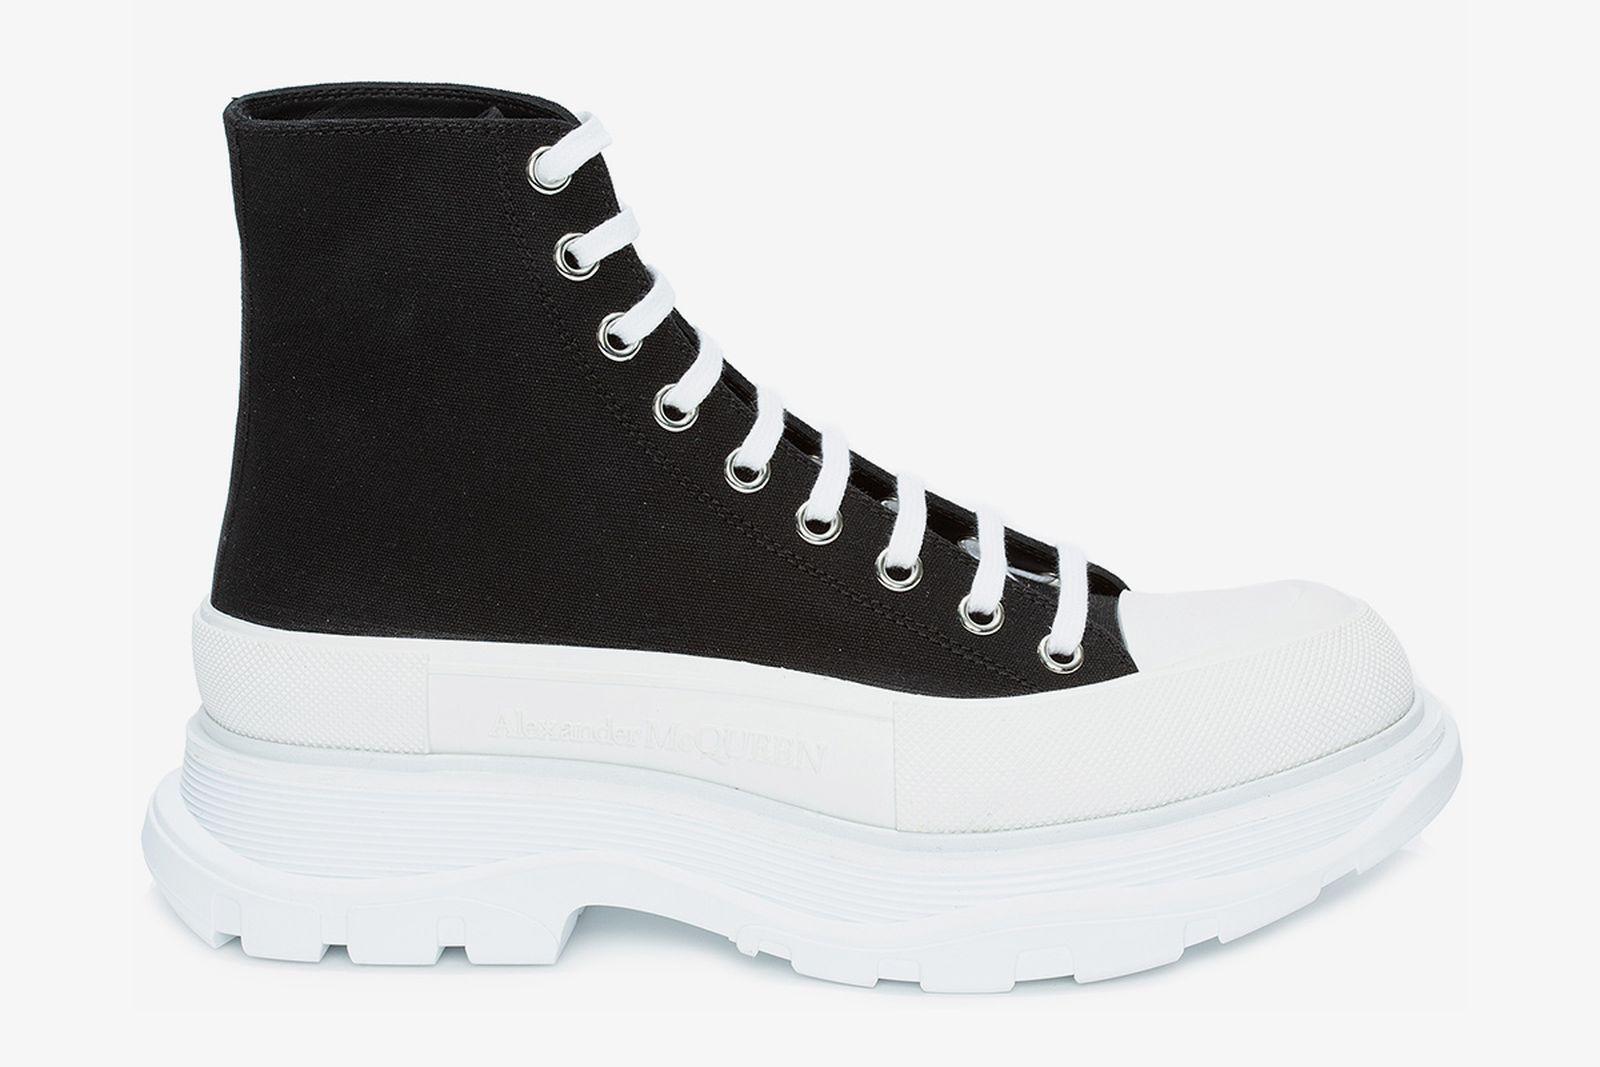 alexander-mcqueen-tread-slick-release-date-price-product-02